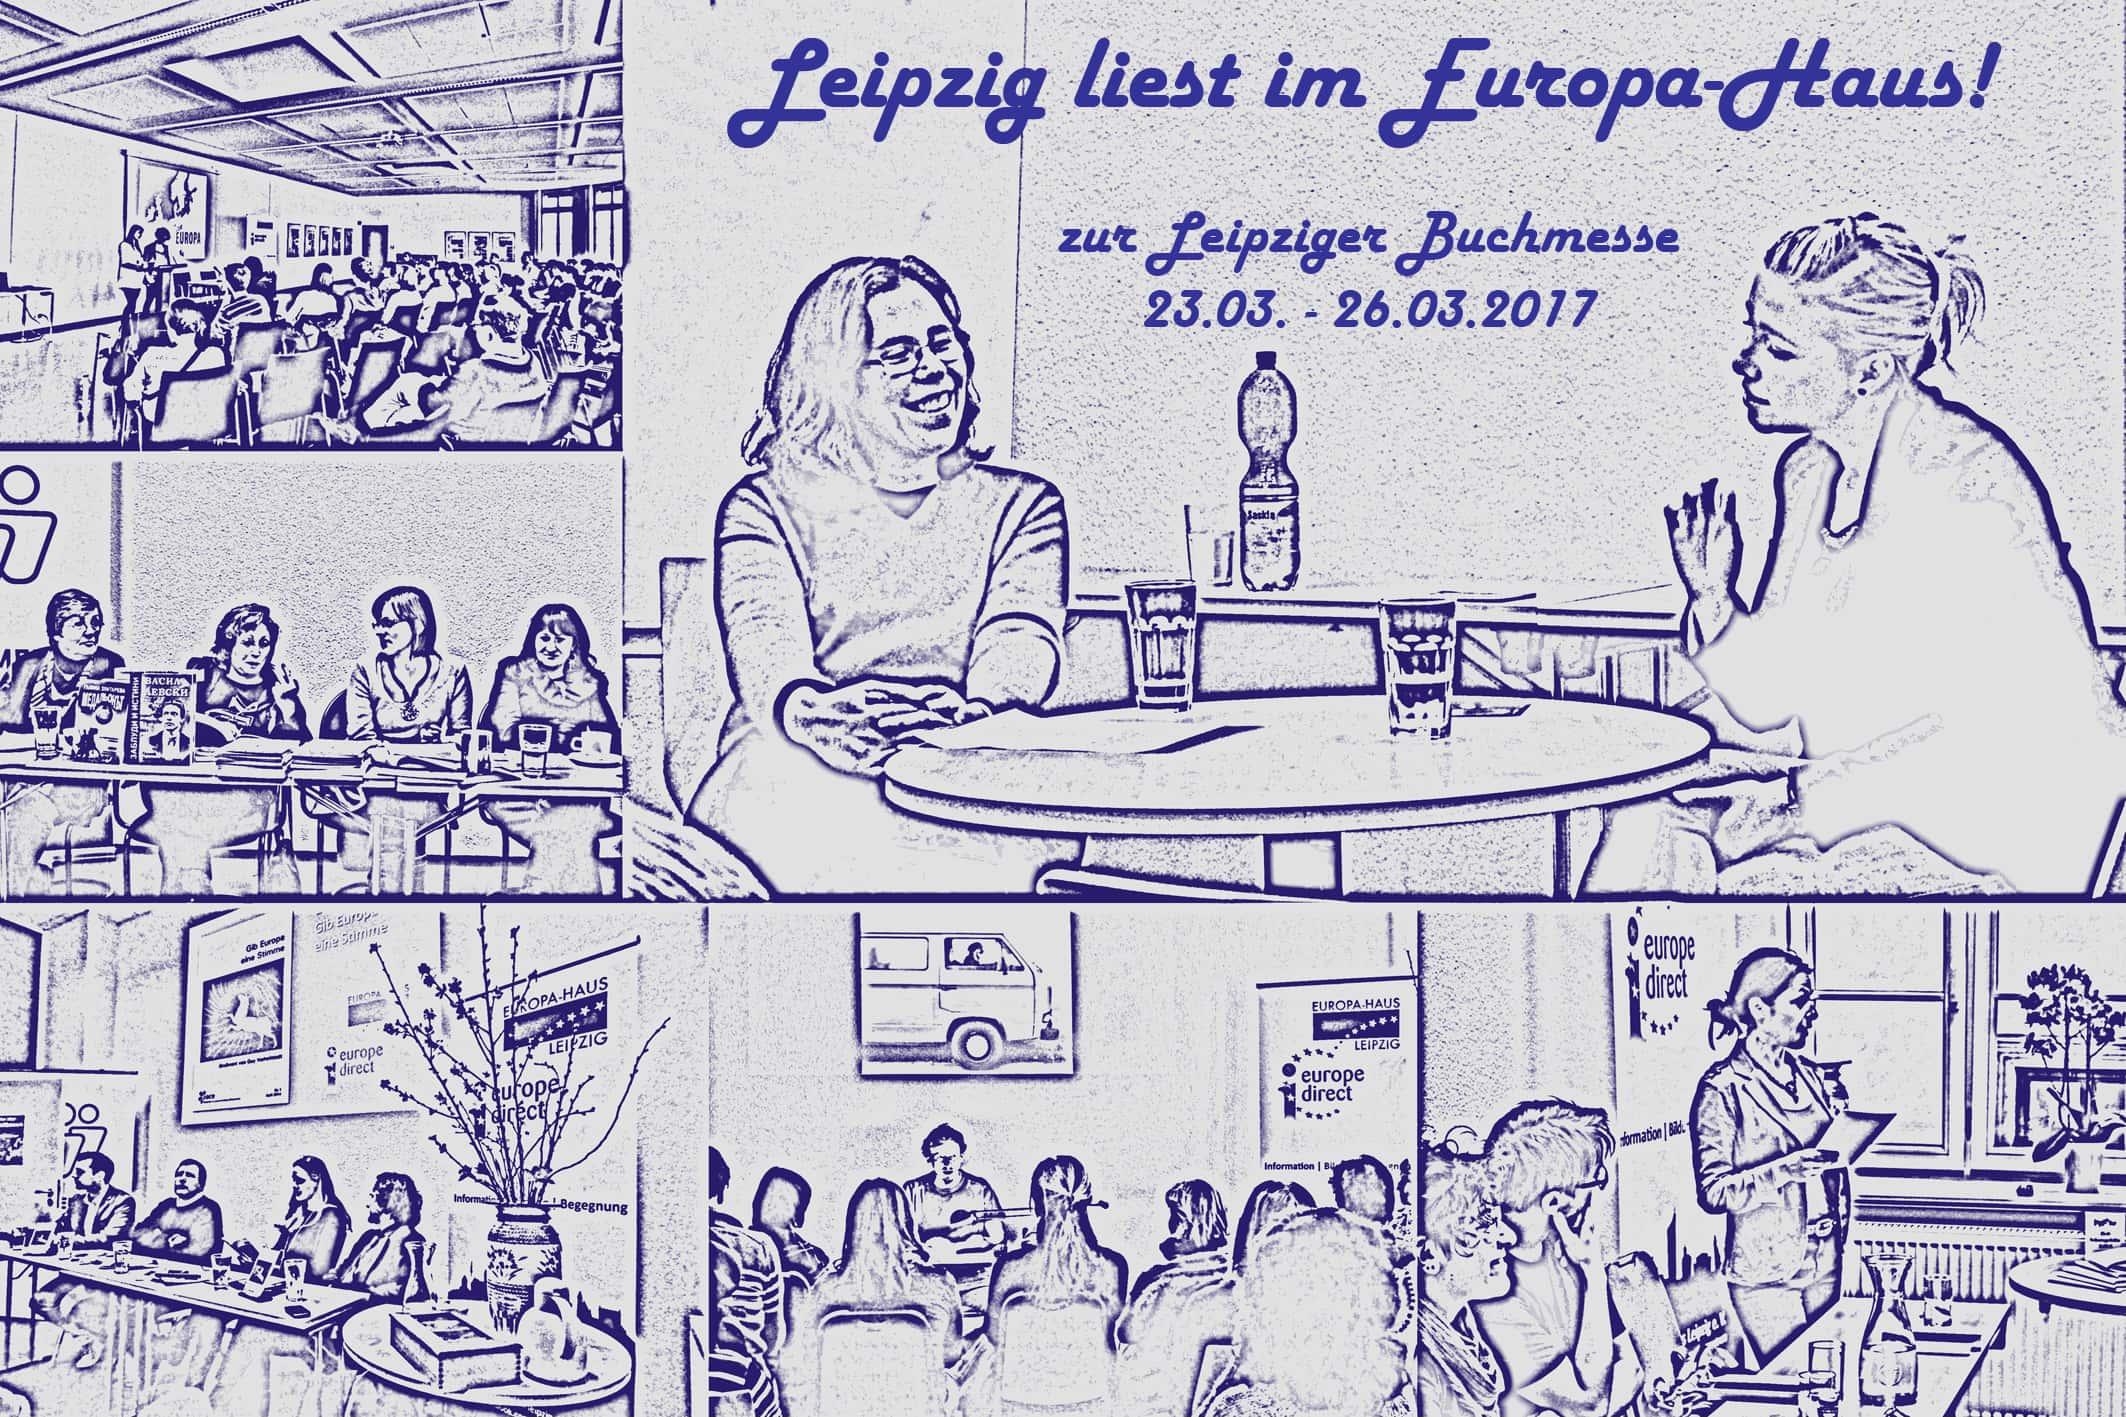 Leipzig liest im Europa Haus – Europa Haus Leipzig e V